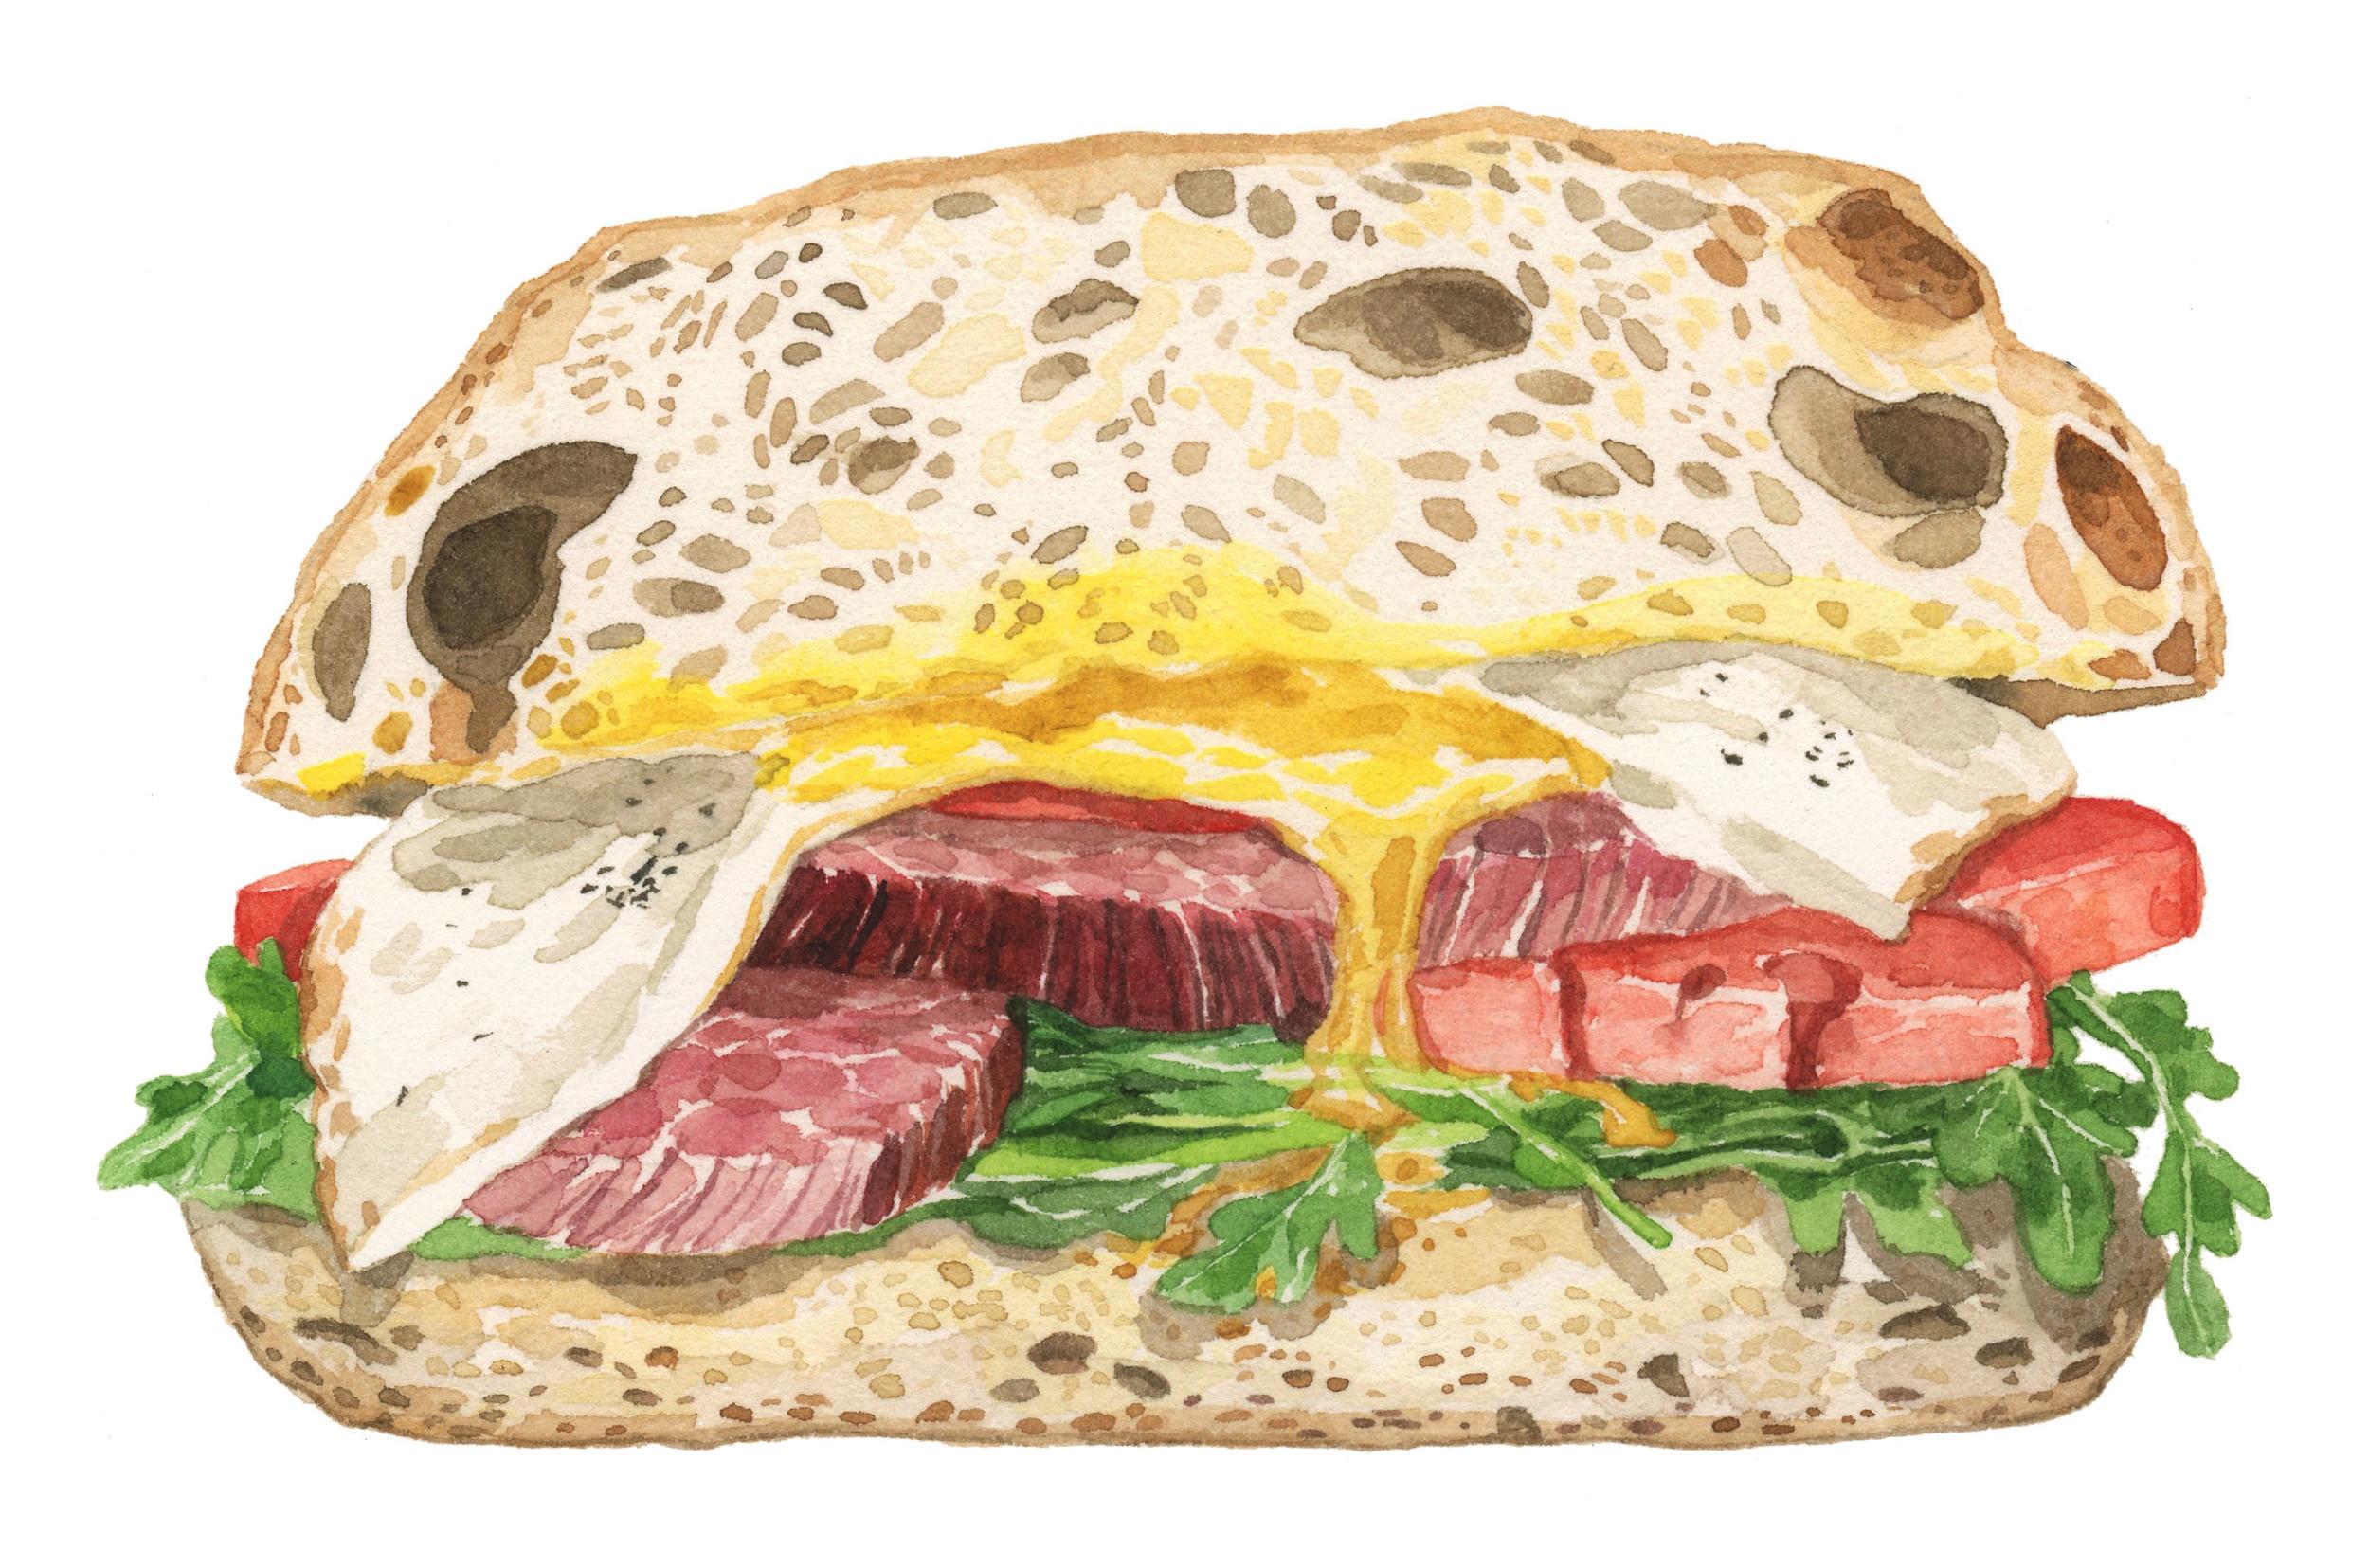 sandwich-lrg.jpg